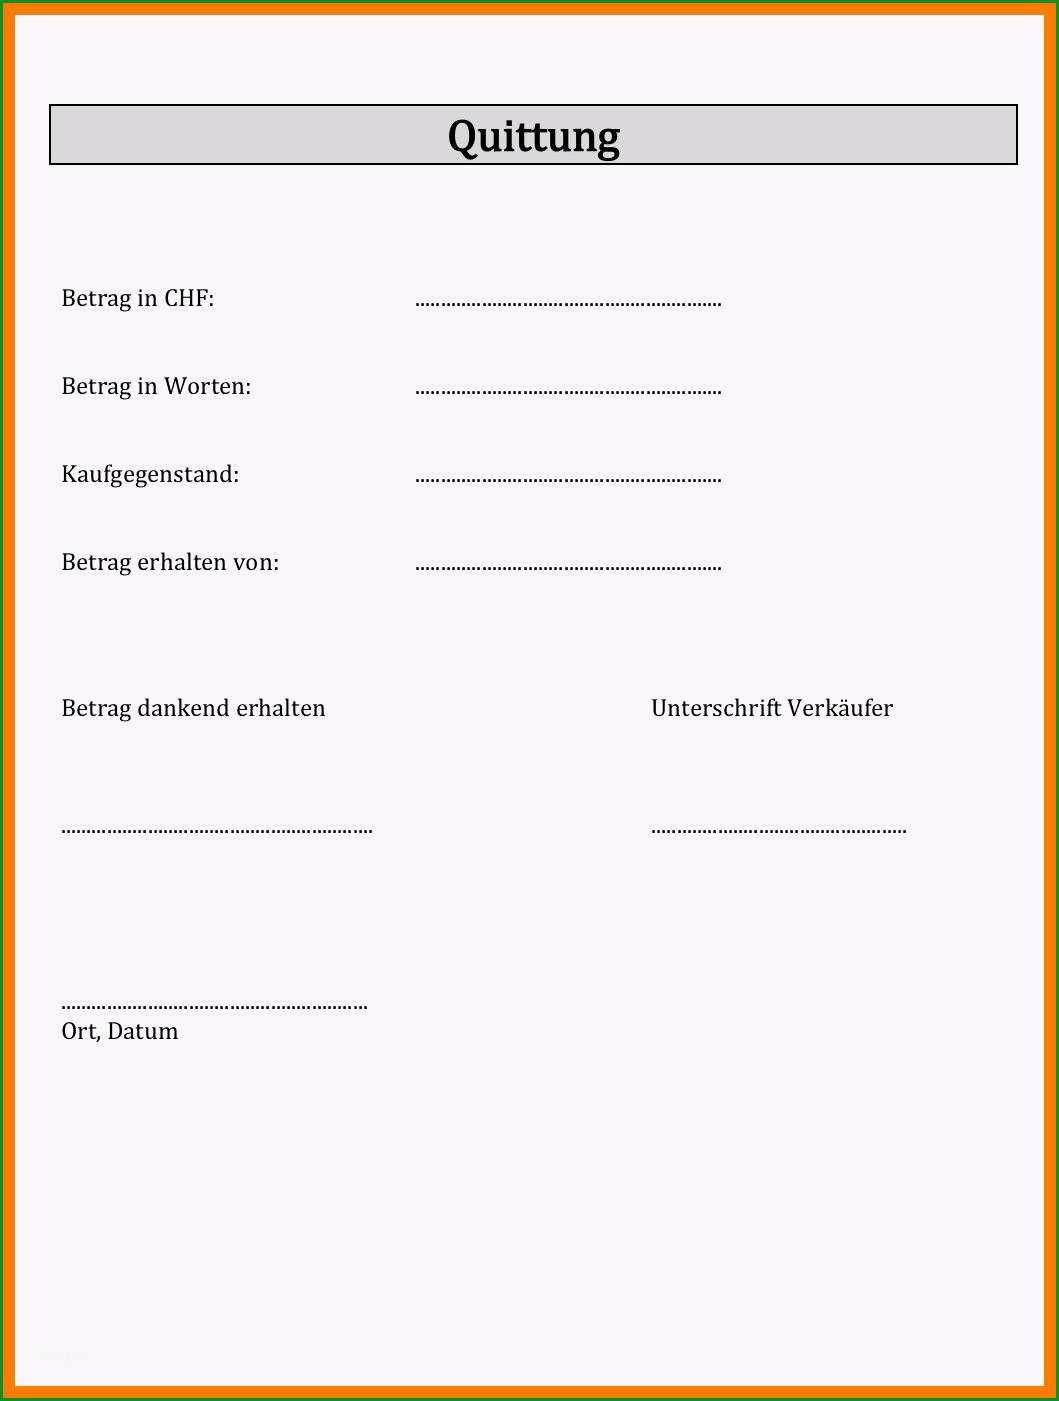 Fantastisch 12 Empfangsbestätigung Brief Muster